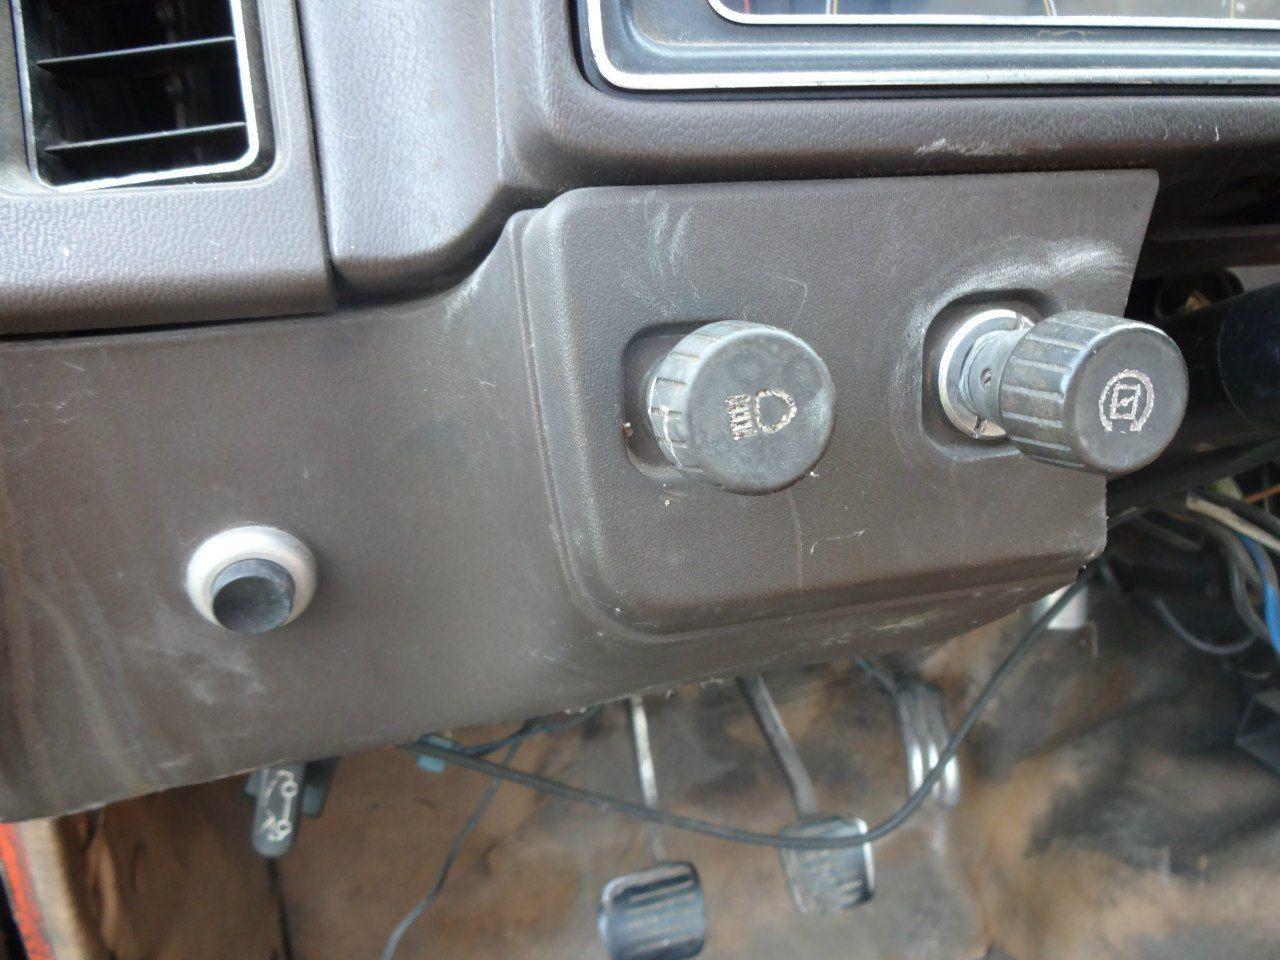 Крутилка справа - ручной регулятор оборотов дизеля. Используется при прогреве мотора. Слева - кнопка омывателя фар.